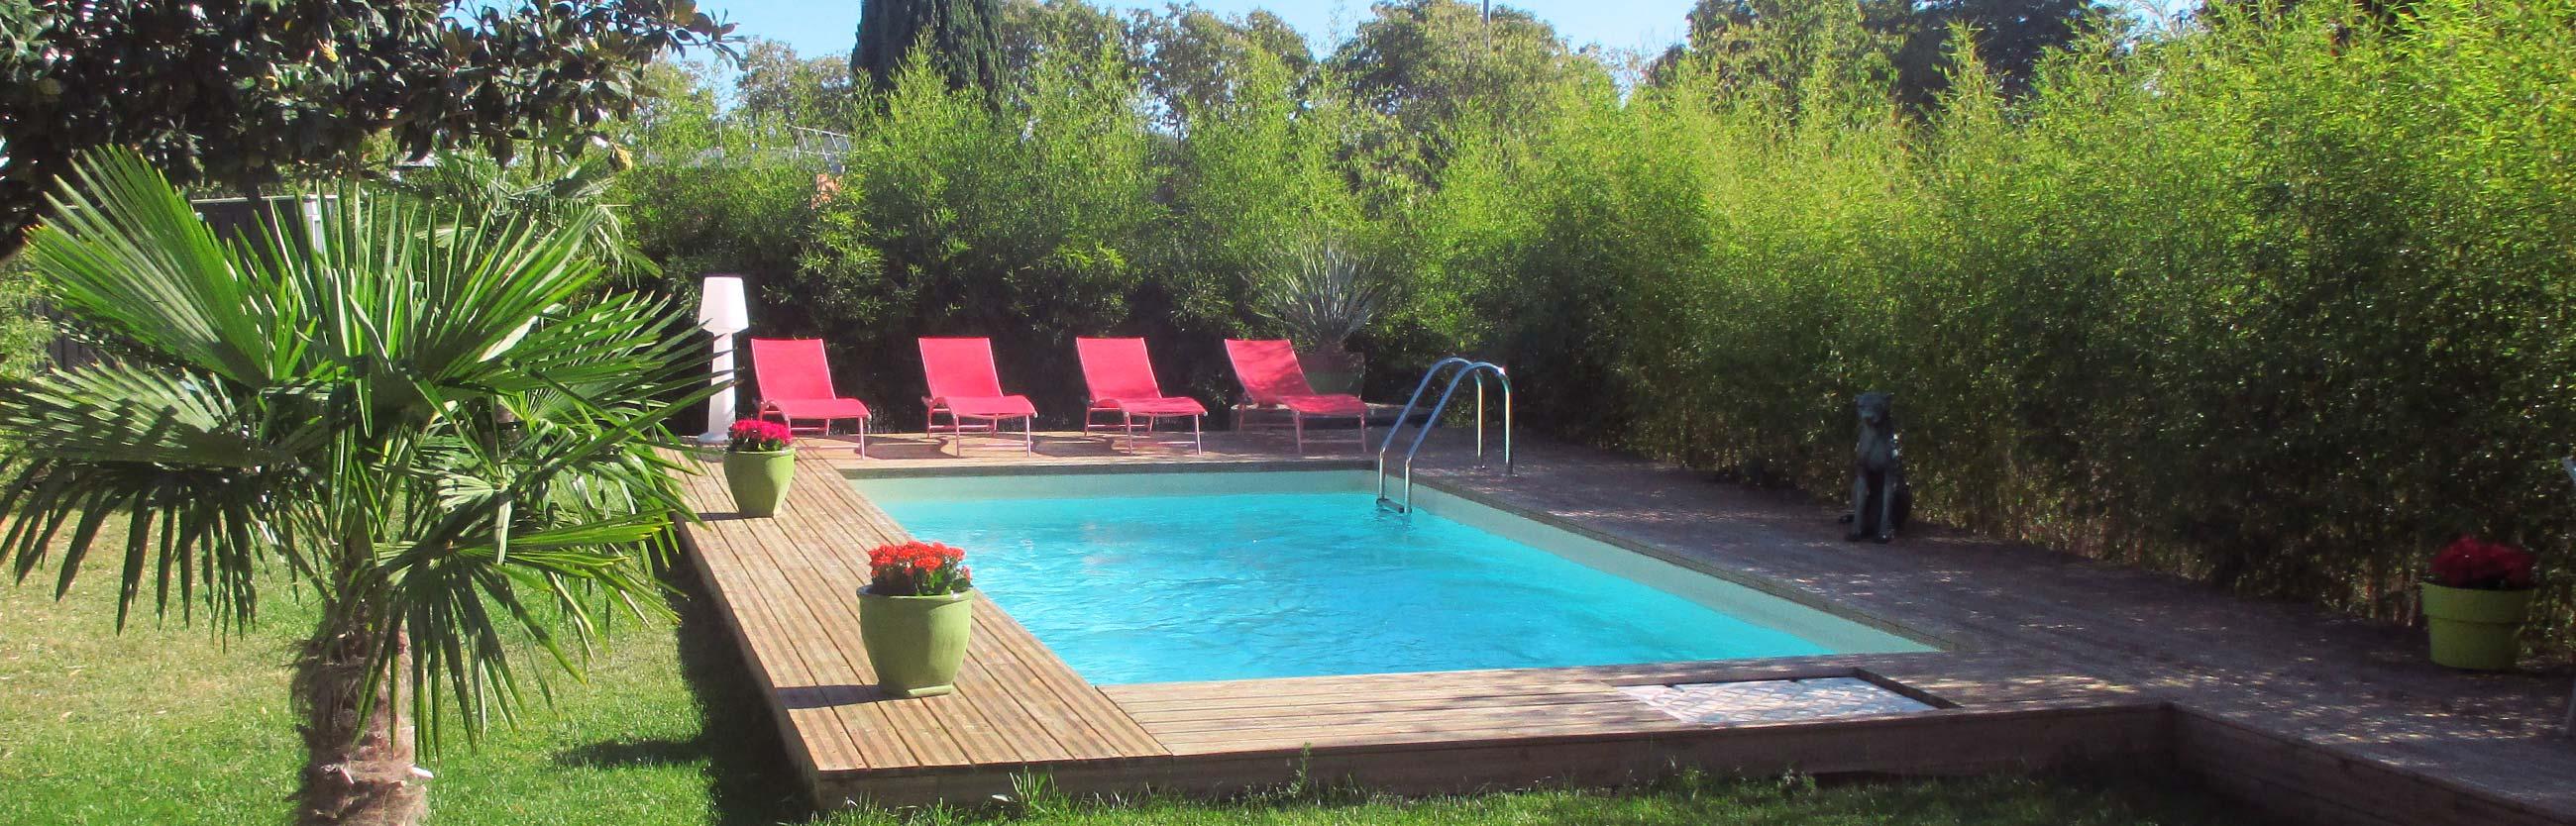 chambre d'hote avec piscine à Toulouse